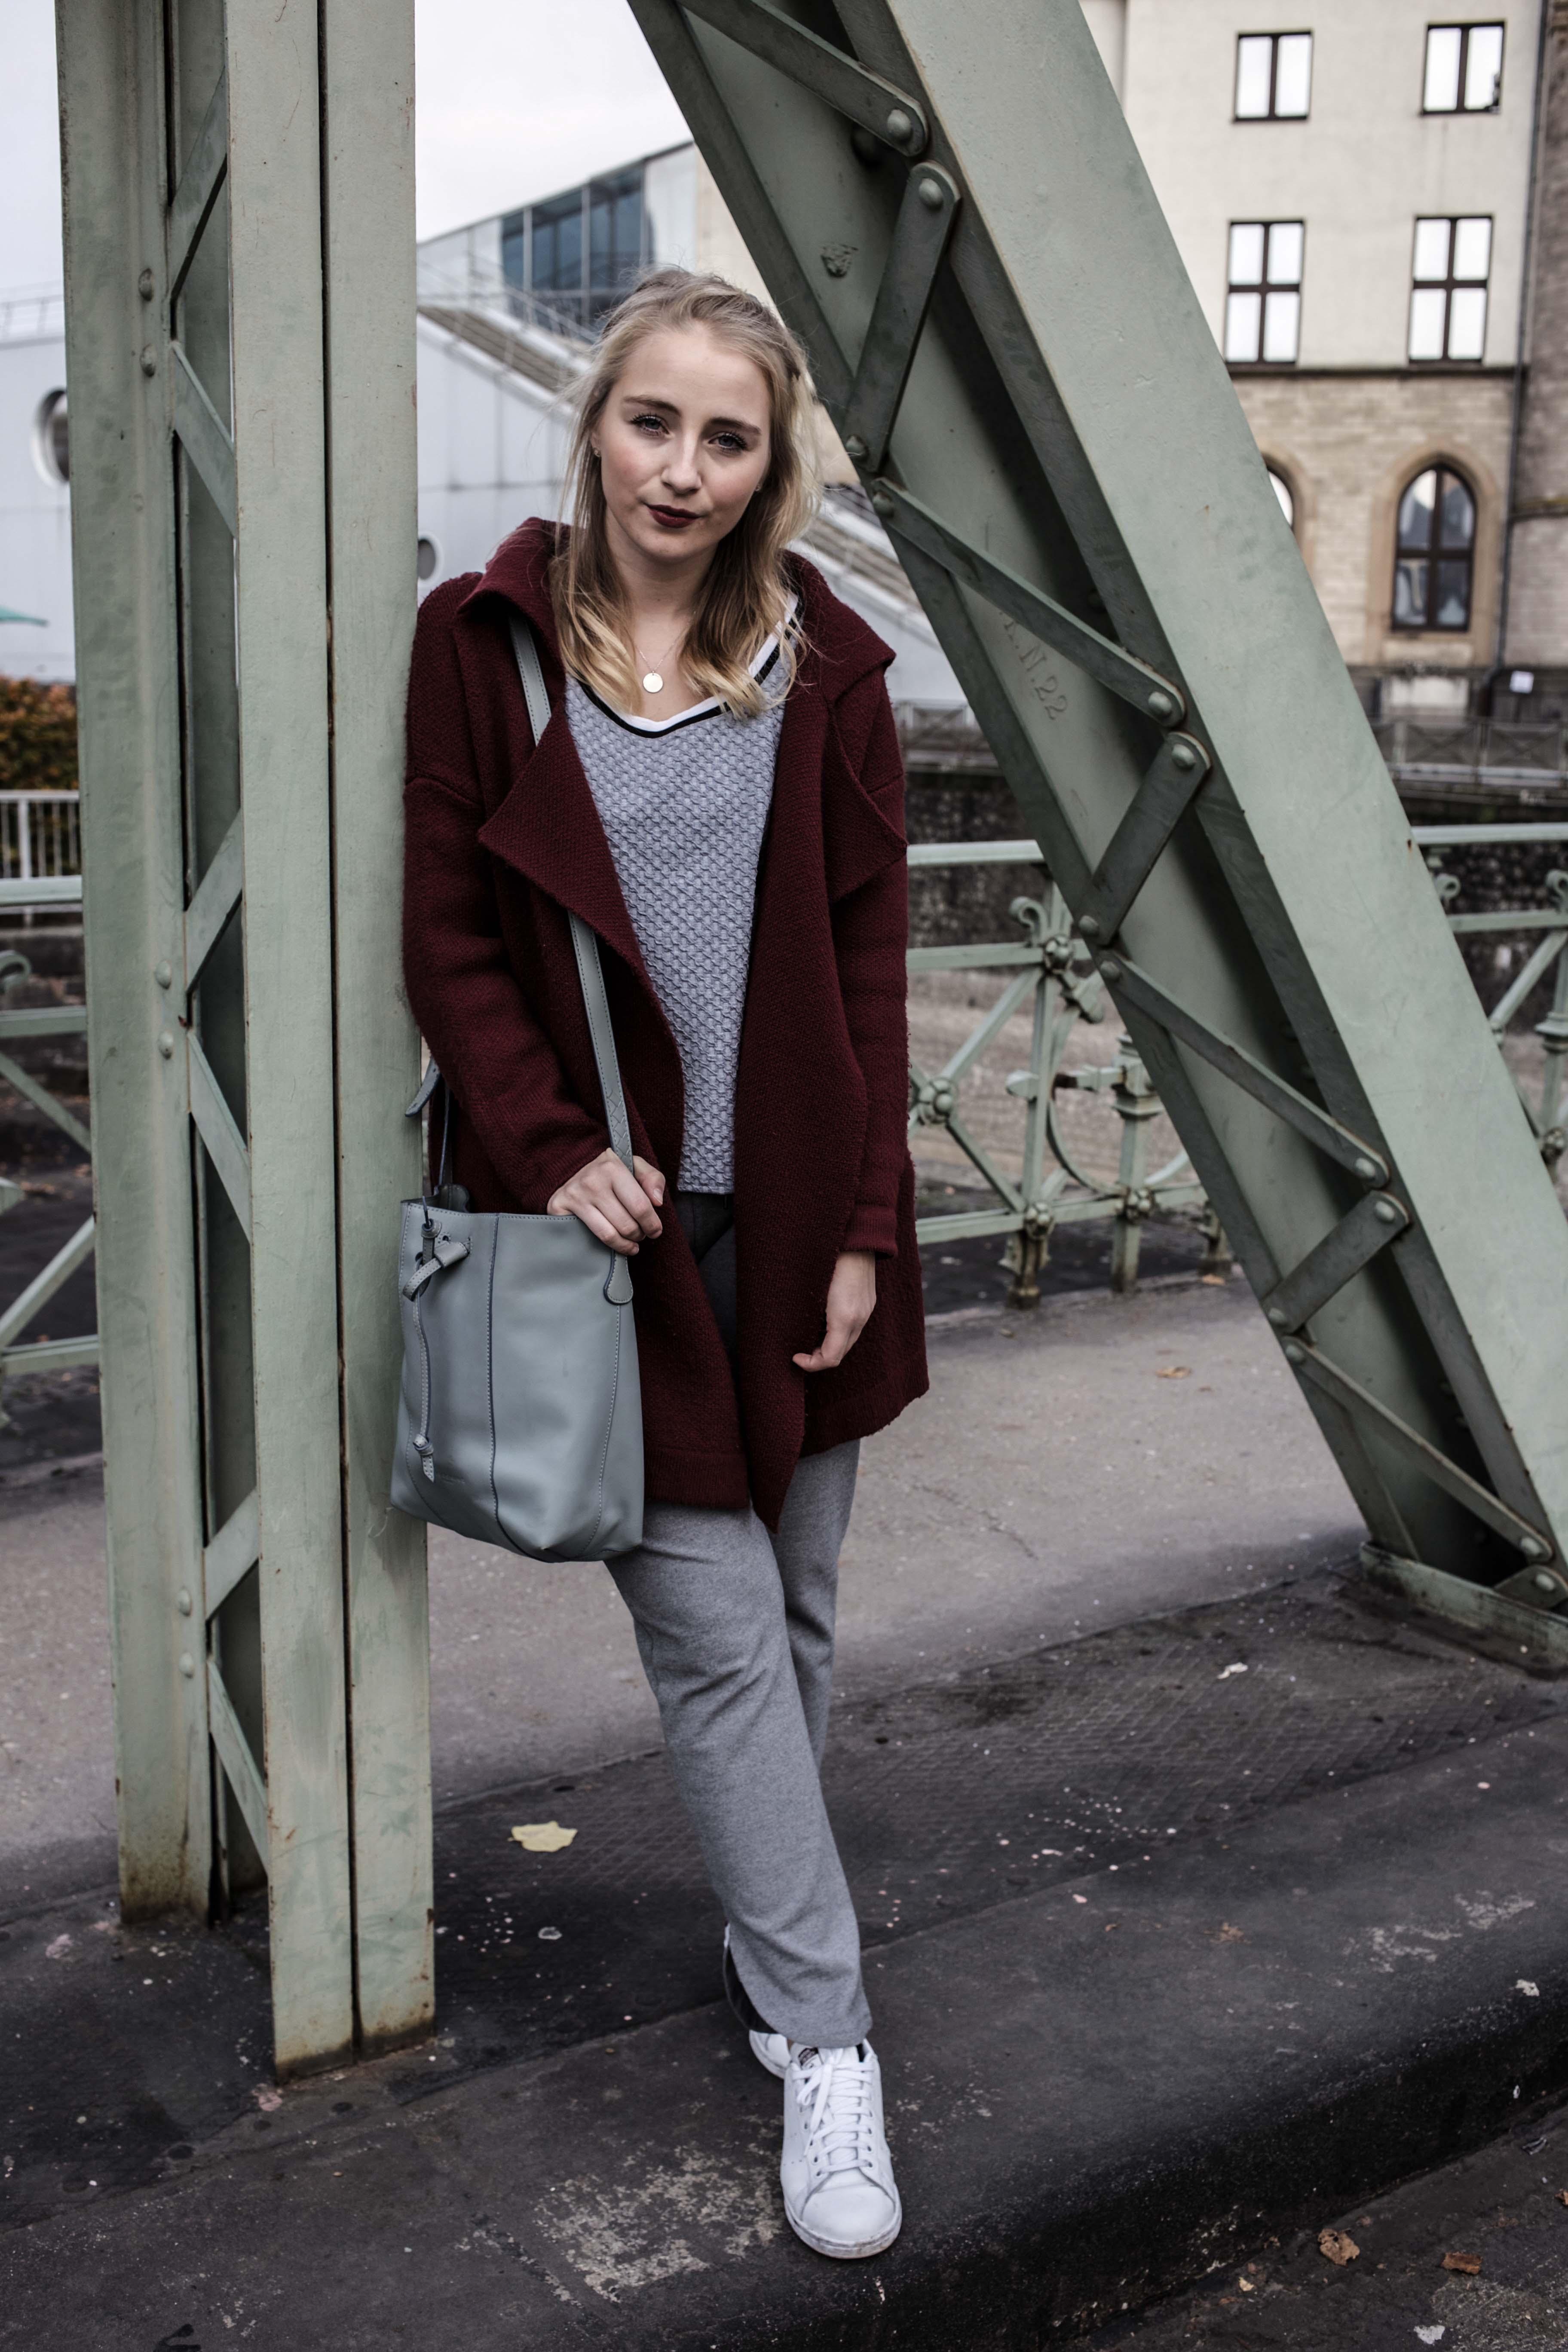 sparkle-store-fashion-sparkle-jogger-pants-alltag-nadel-und-faden-hamburg-designerkleidung-designerklamotten-modeblog-koeln-fashionblog-berlin_6745